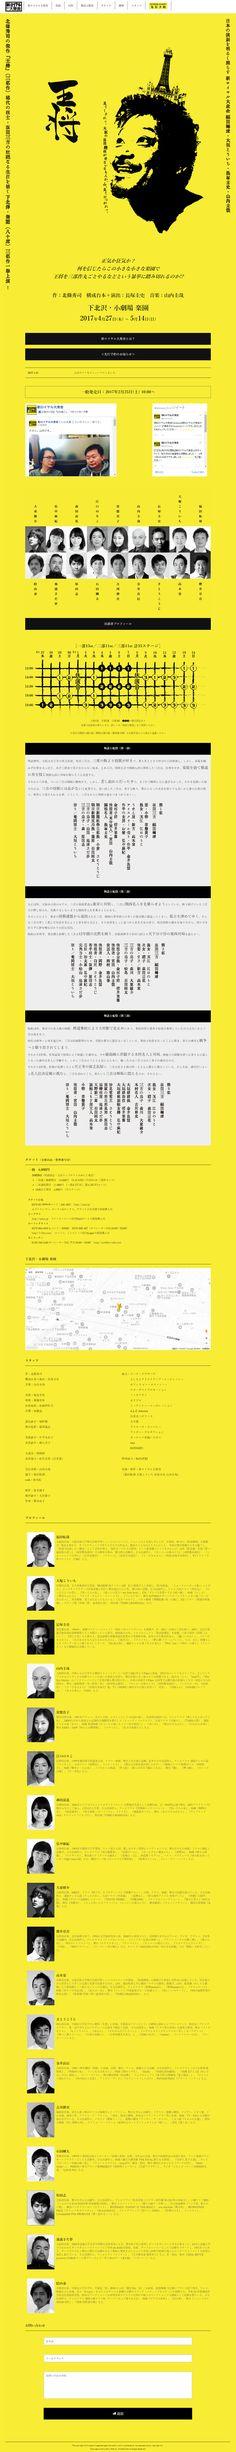 王将【本・音楽・ゲーム関連】のLPデザイン。WEBデザイナーさん必見!ランディングページのデザイン参考に(シンプル系)